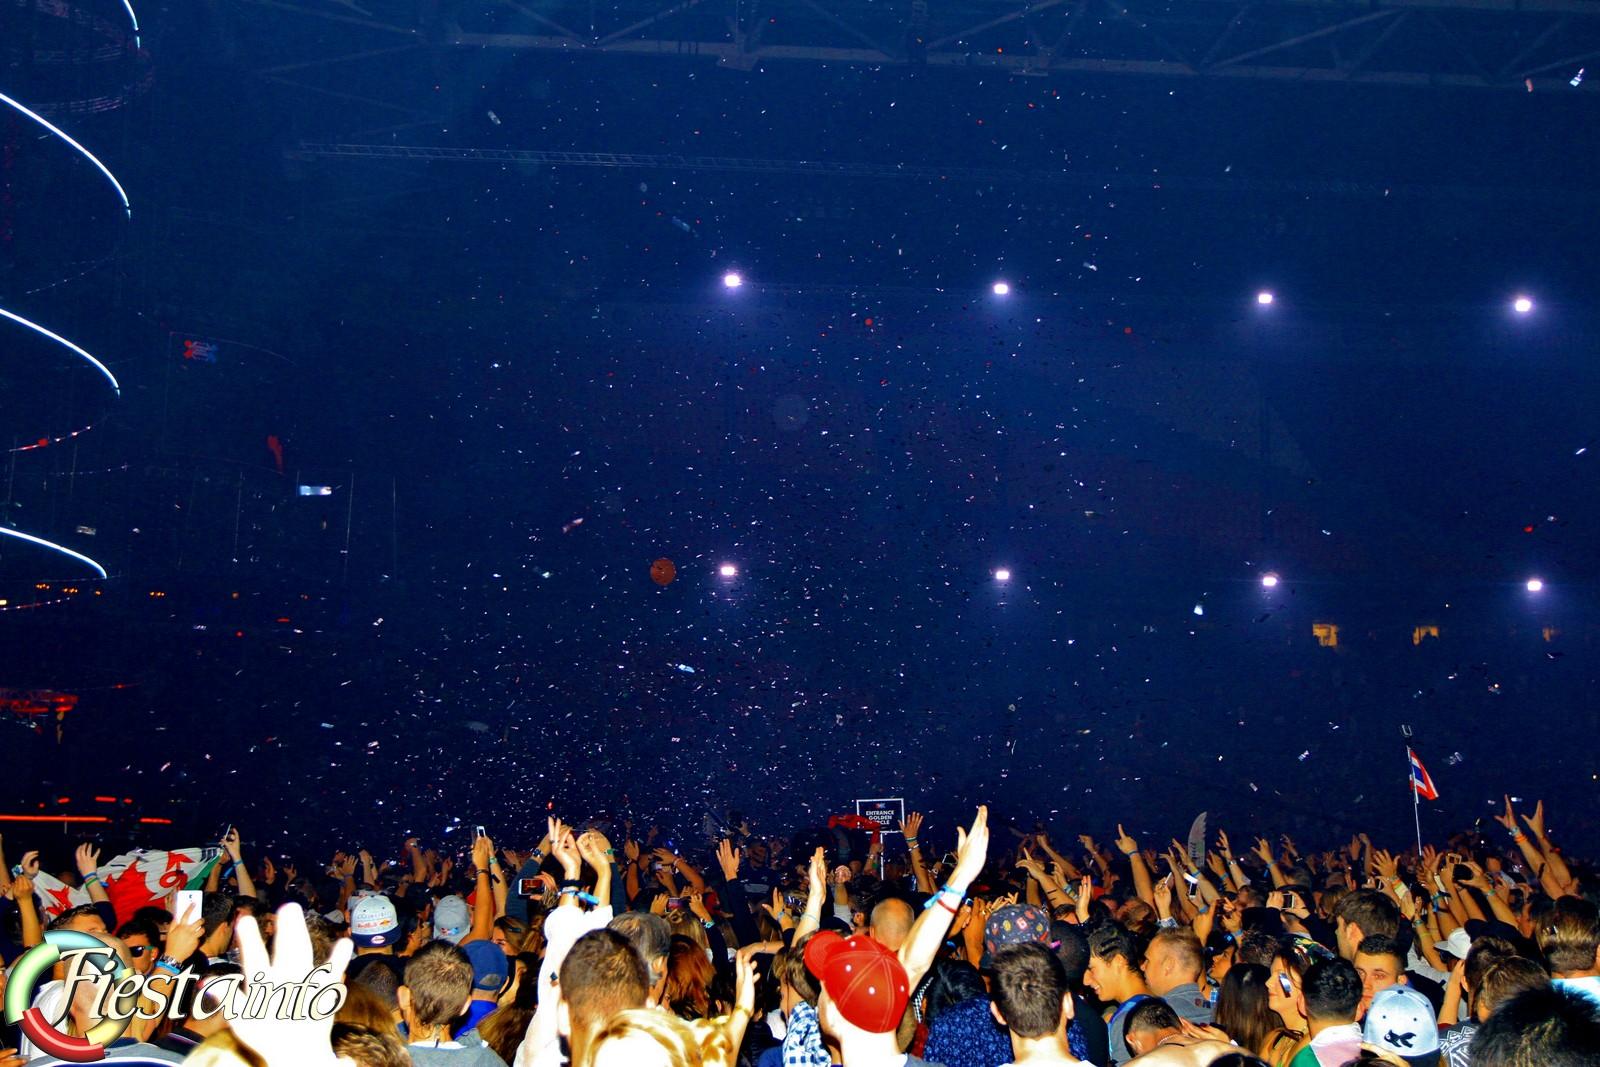 Foto 93 amsterdam music festival op 17 oktober 2015 for 93 house music